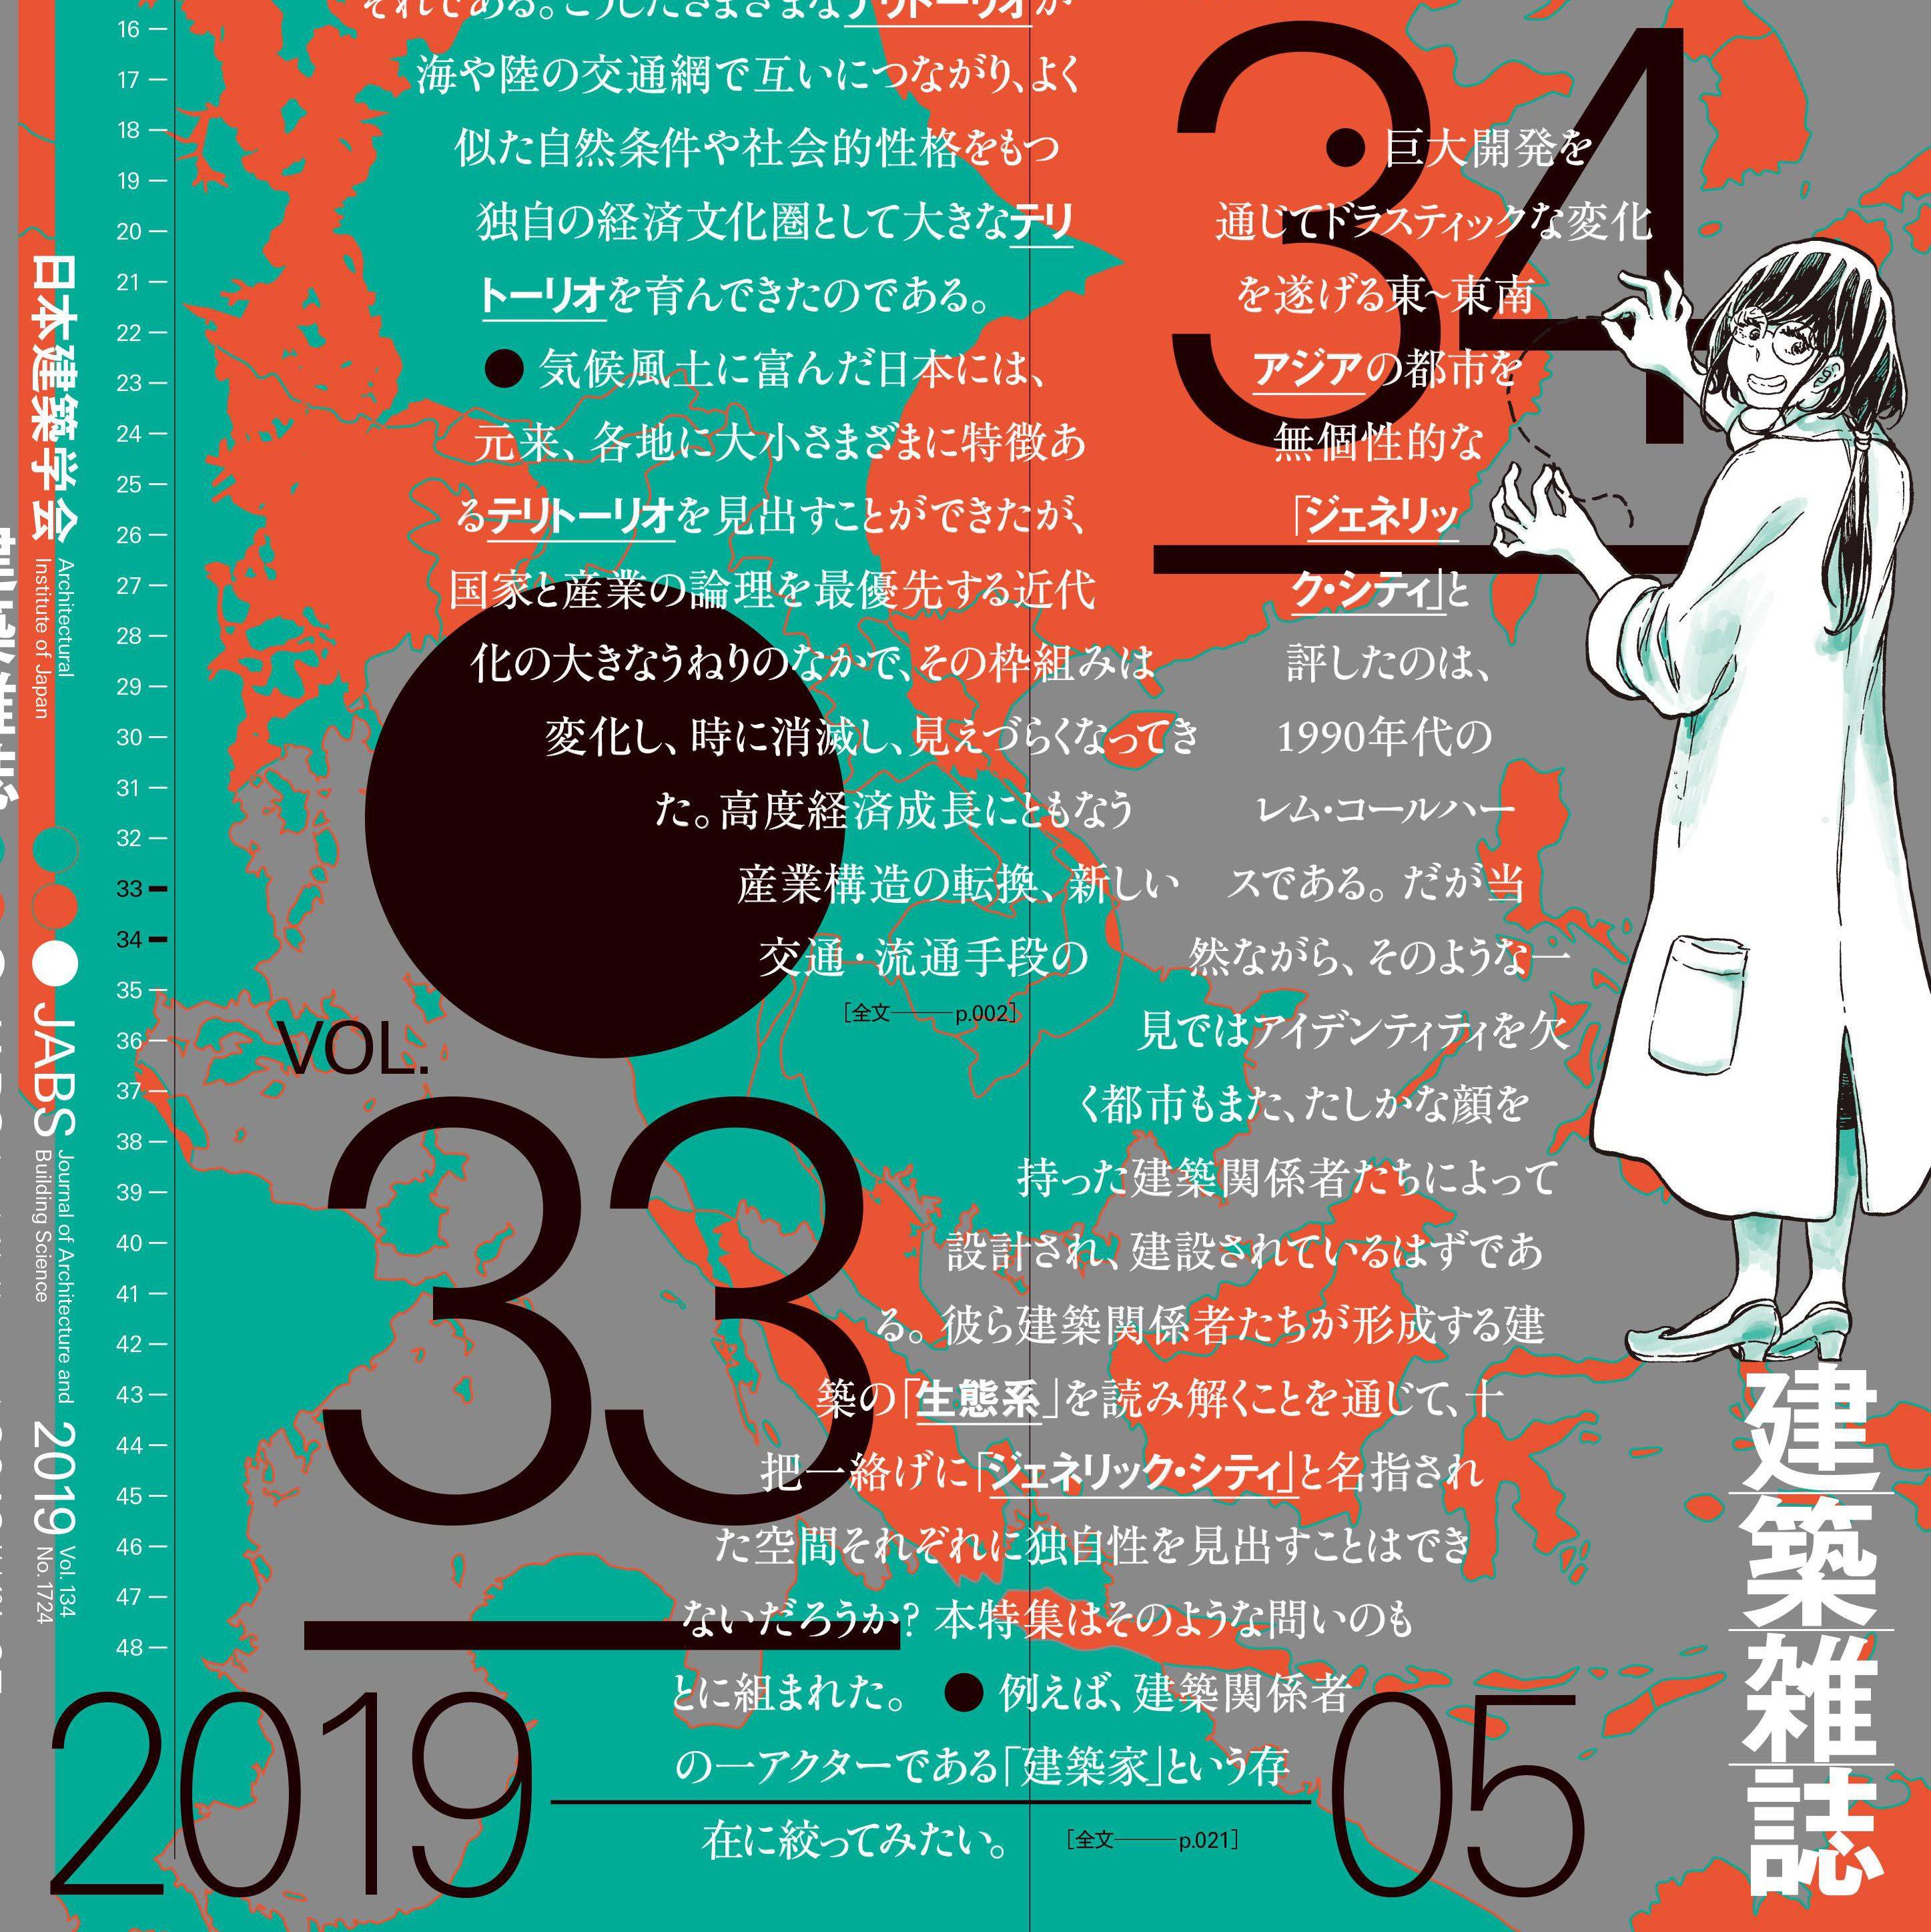 芦藻 彬さん、『建築雑誌』にて建築漫画掲載!